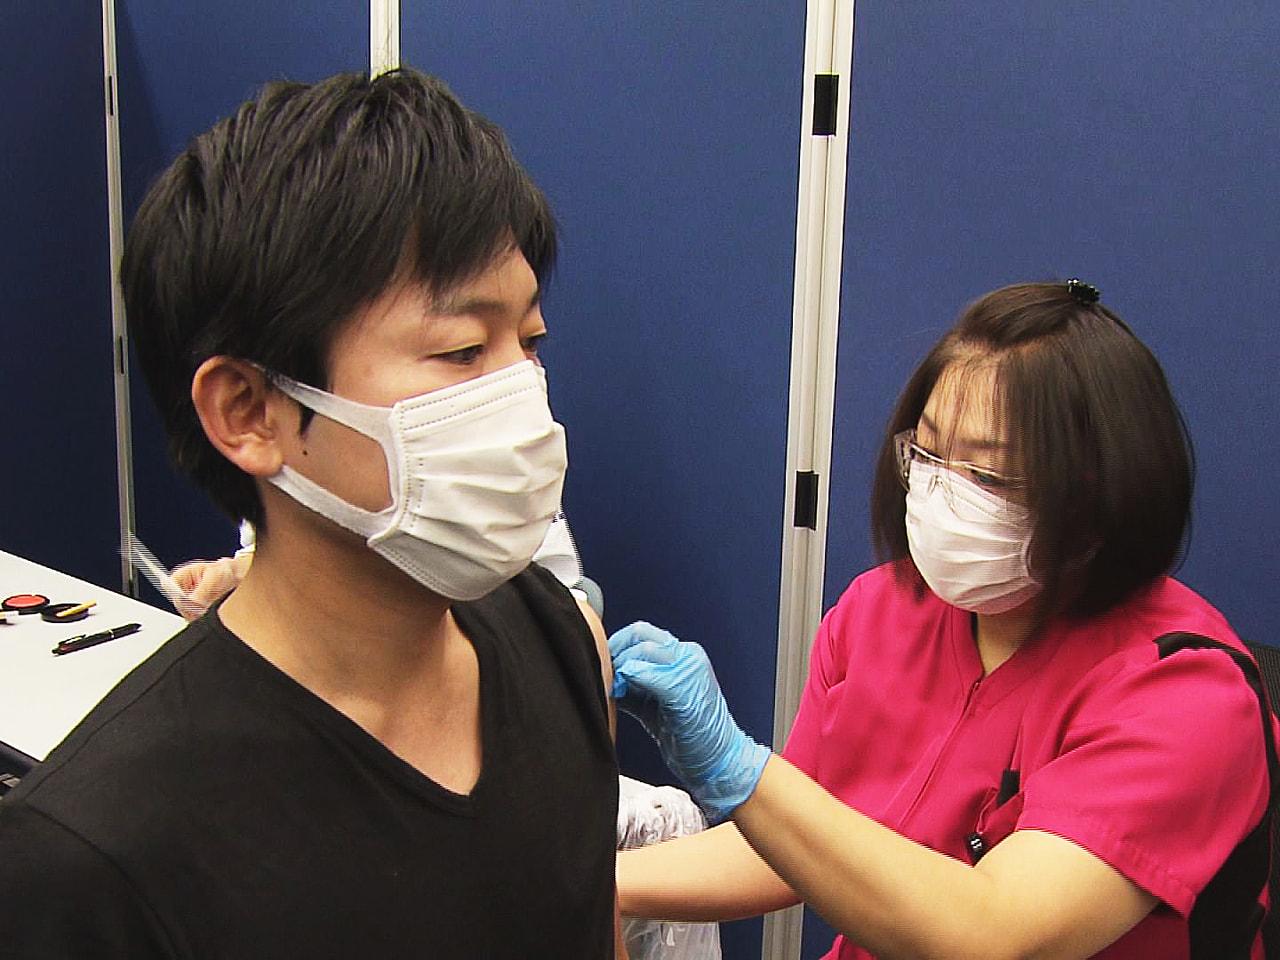 十六銀行は、行員や家族らを対象にした新型コロナウイルスワクチンの職域接種を始めま...